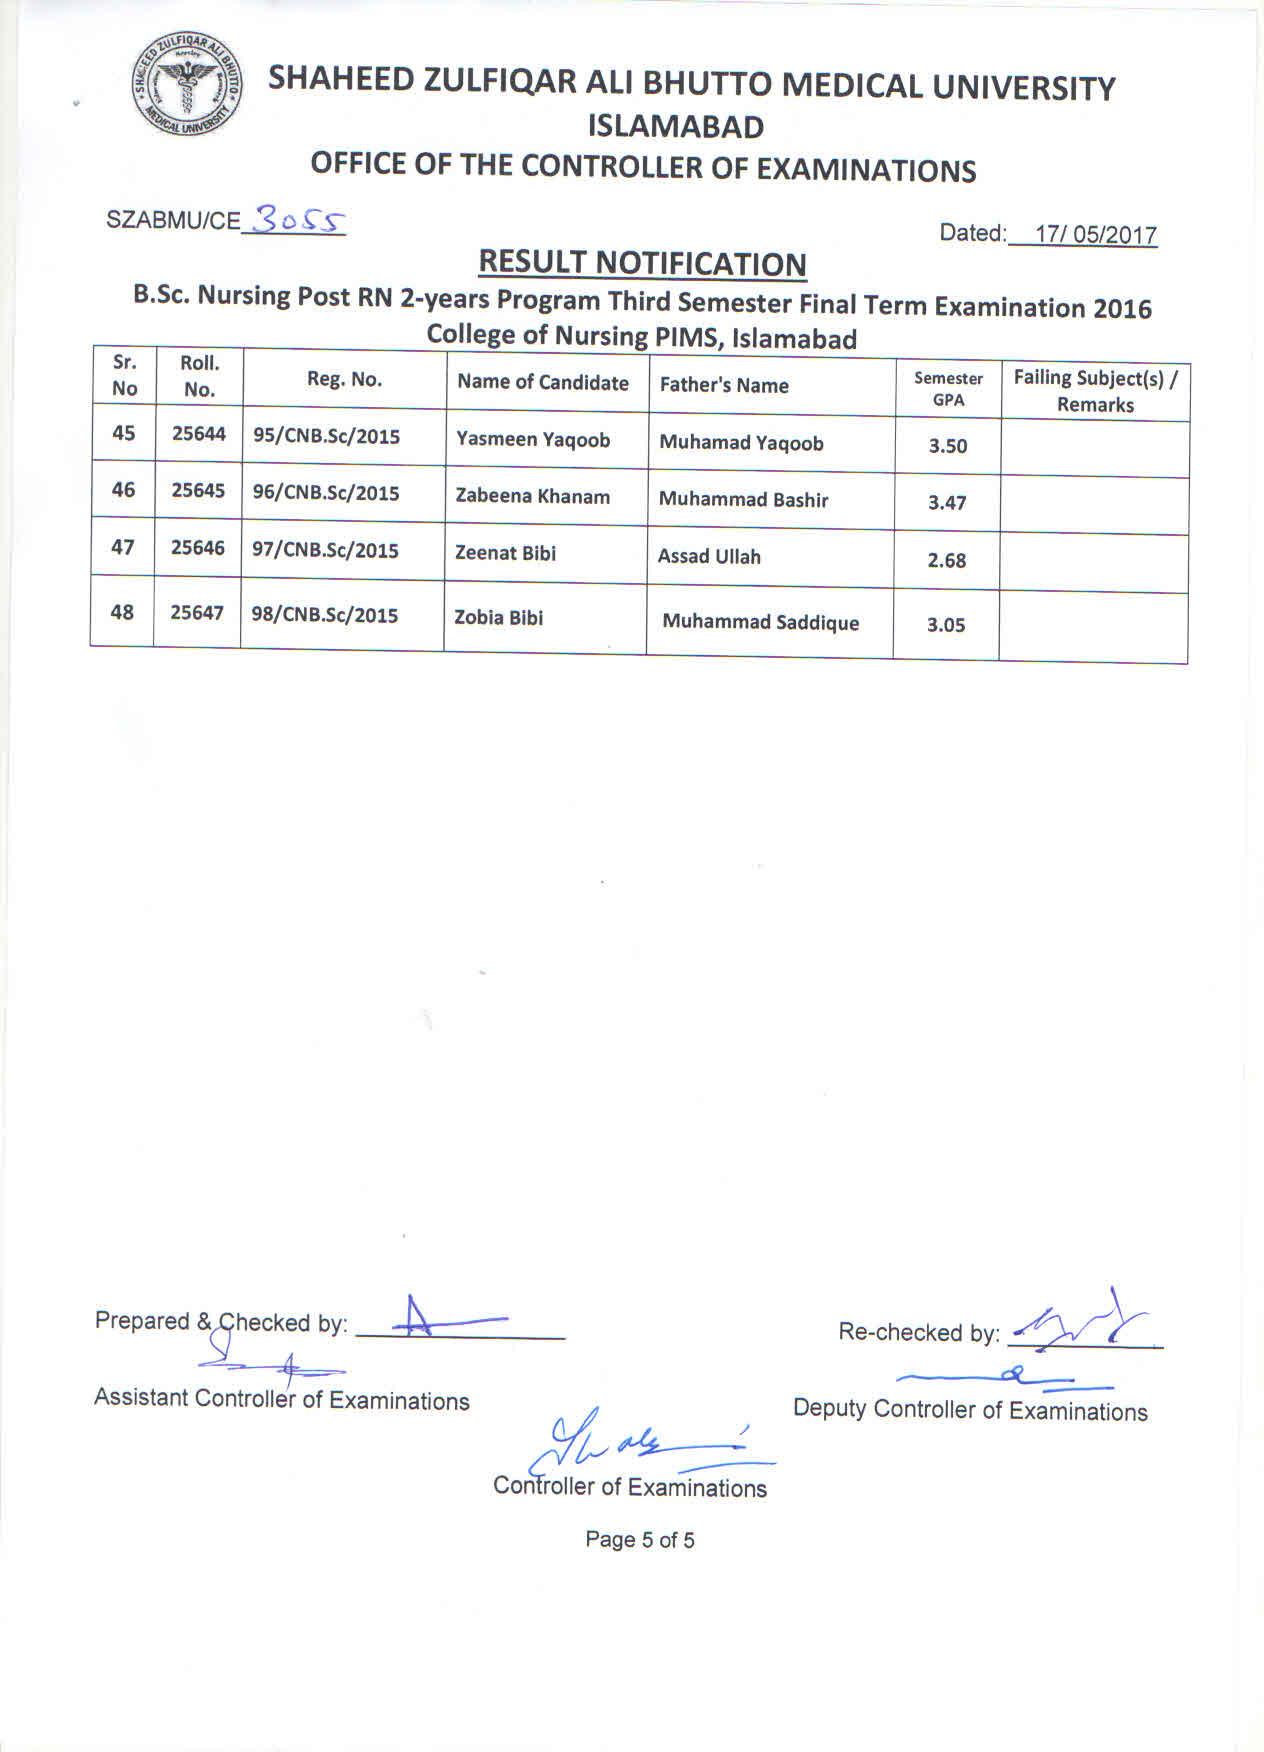 Result Notification - B.Sc. Nursing Post RN 3rd Semester Final Exams 2016